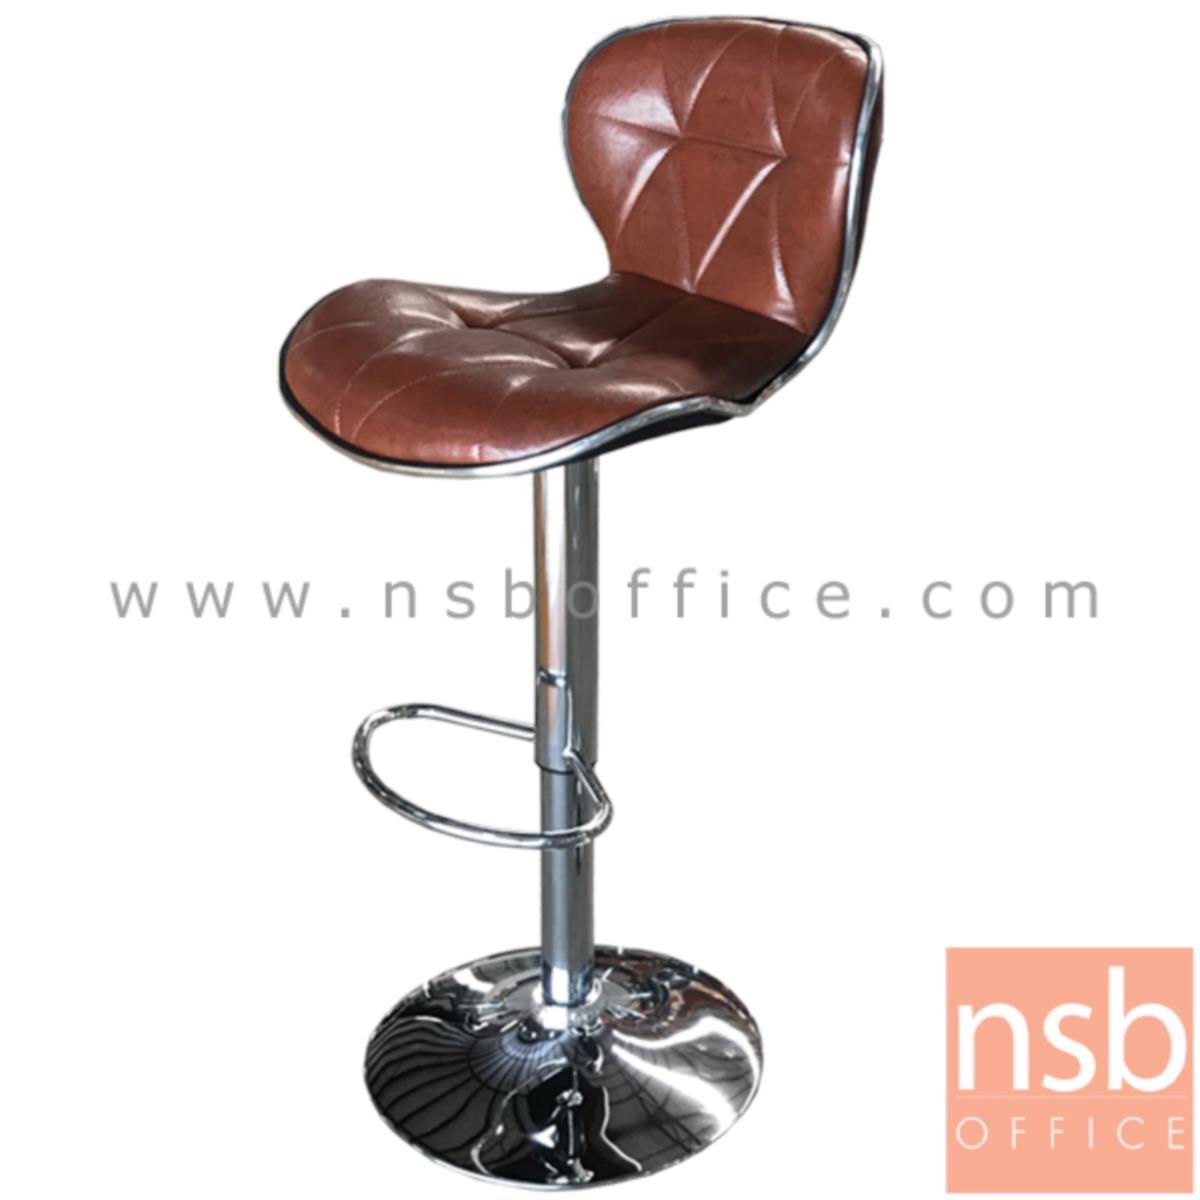 เก้าอี้บาร์สูงหนัง PU BY-CAST รุ่น Maroon (มารูน) ขนาด 46W cm. โช๊คแก๊ส ขาโครเมี่ยมฐานจานกลม